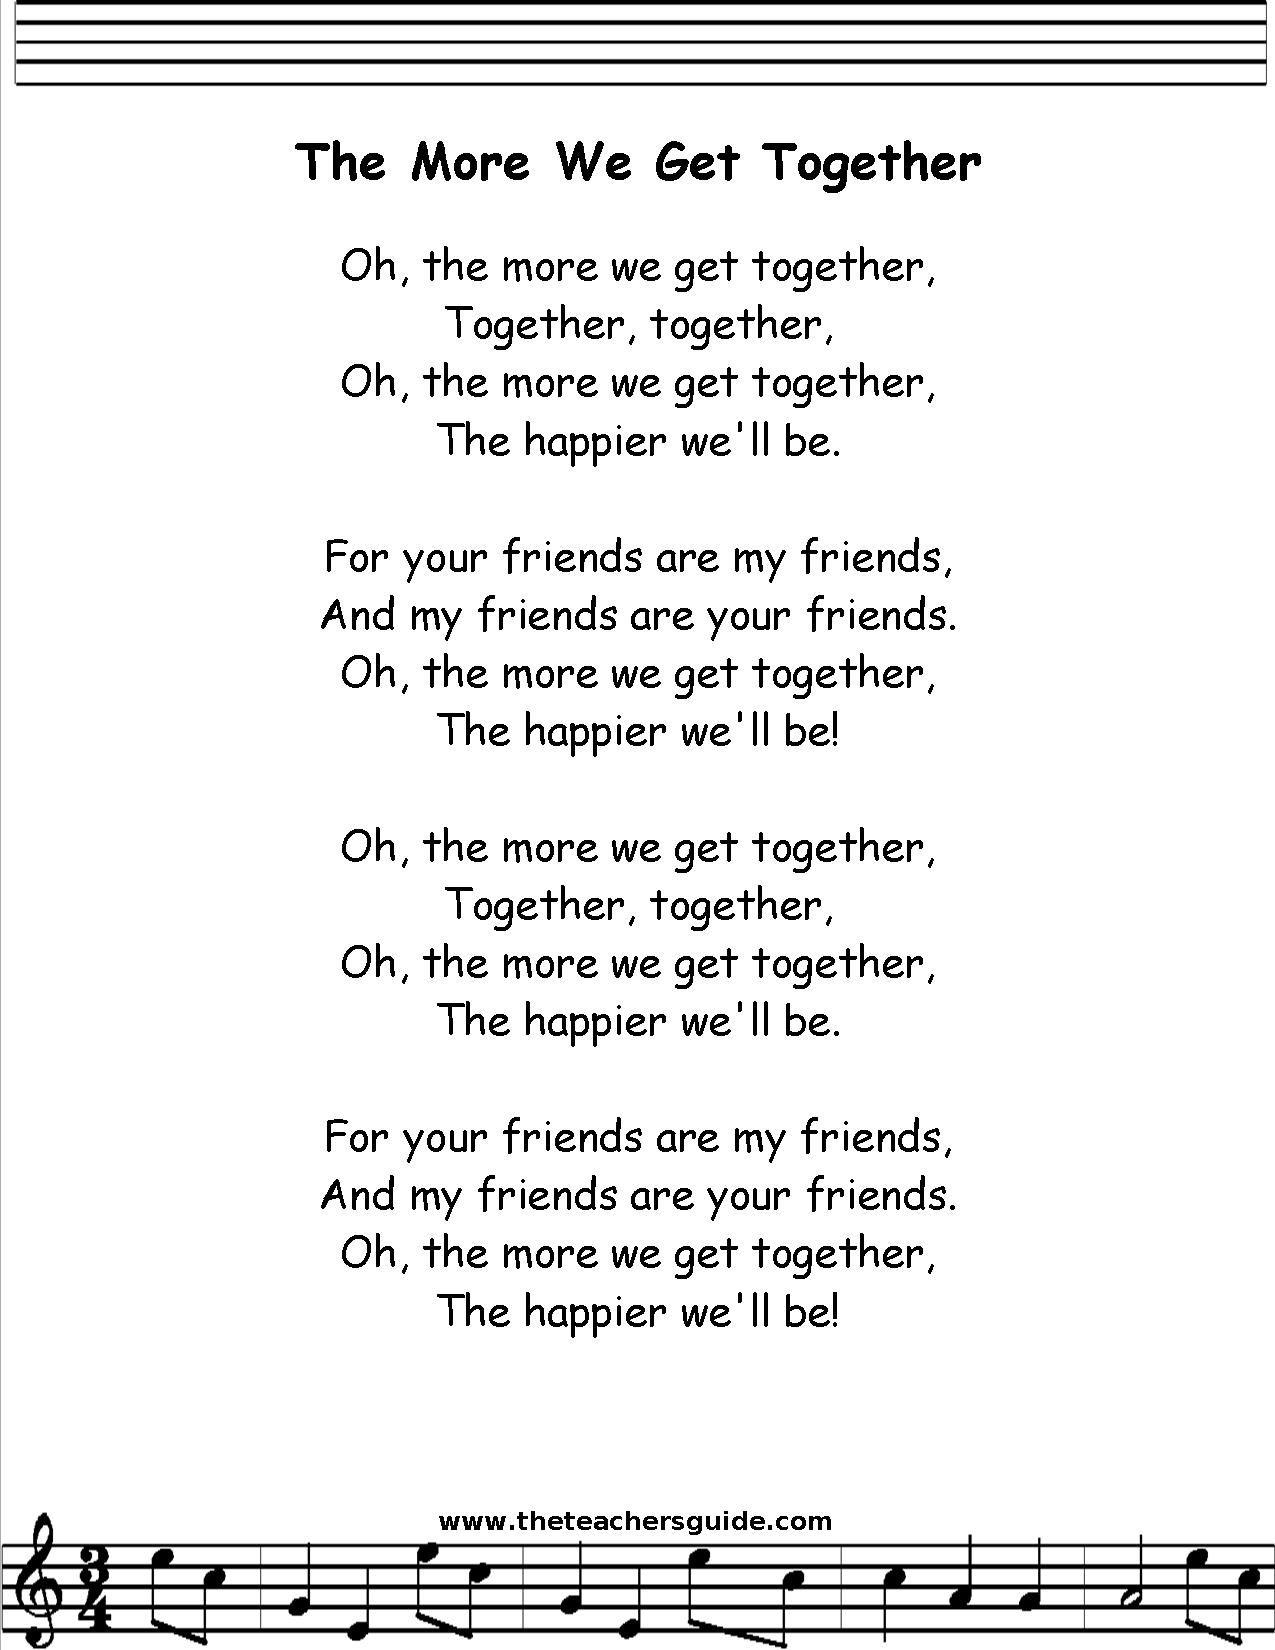 The More We Get Together Lyrics